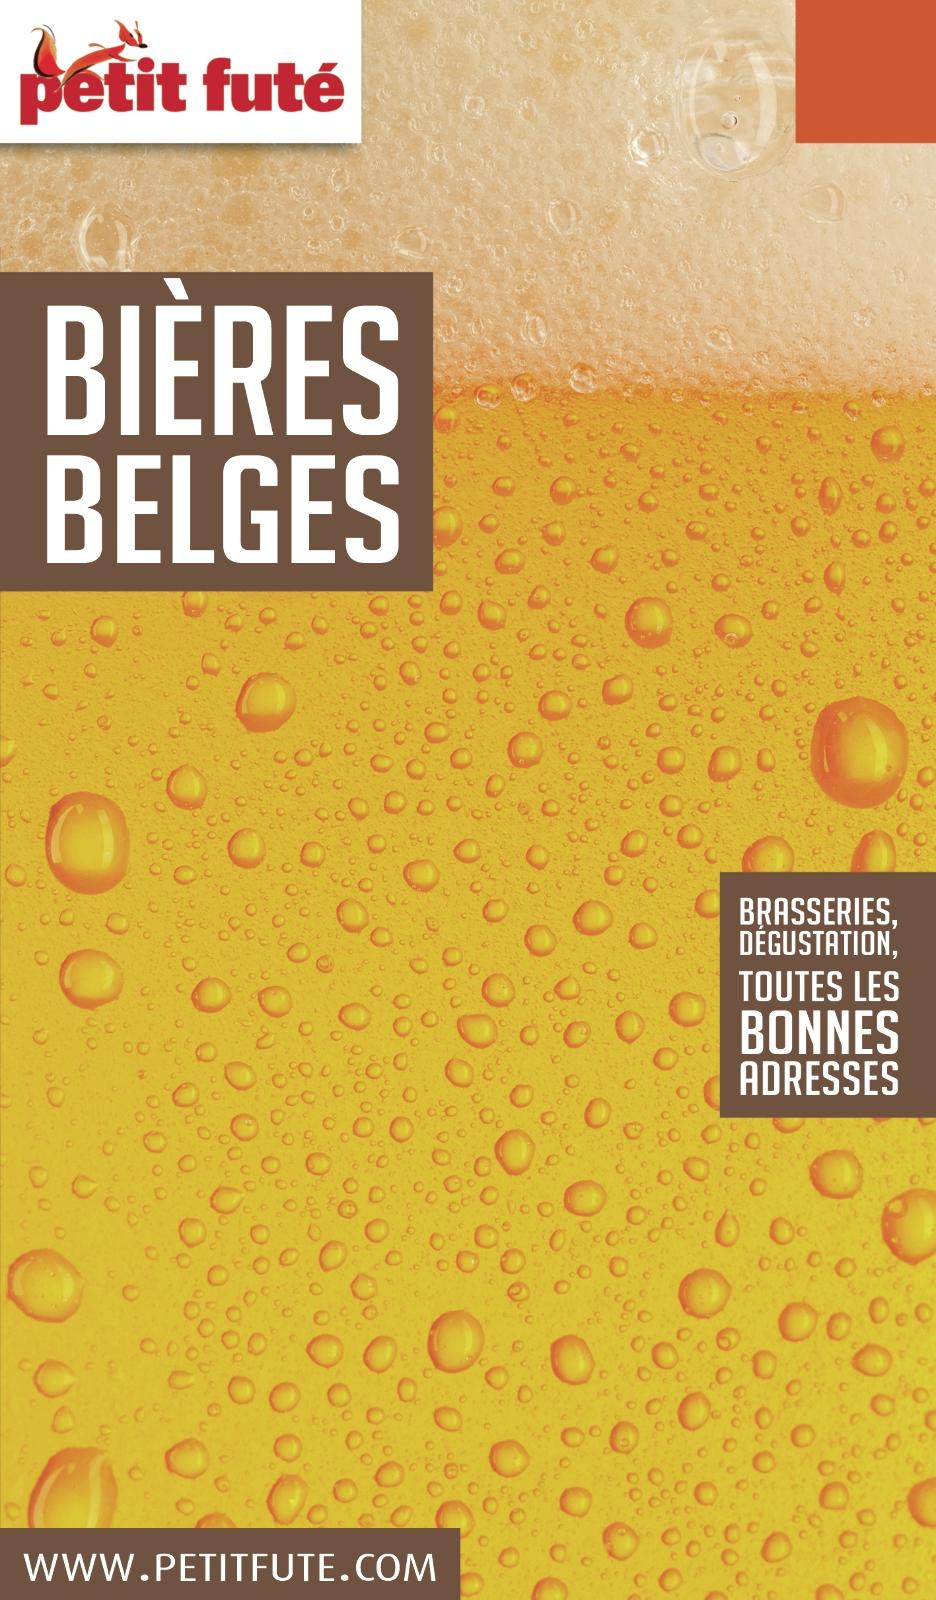 BIÈRES BELGES 2018 Petit Futé